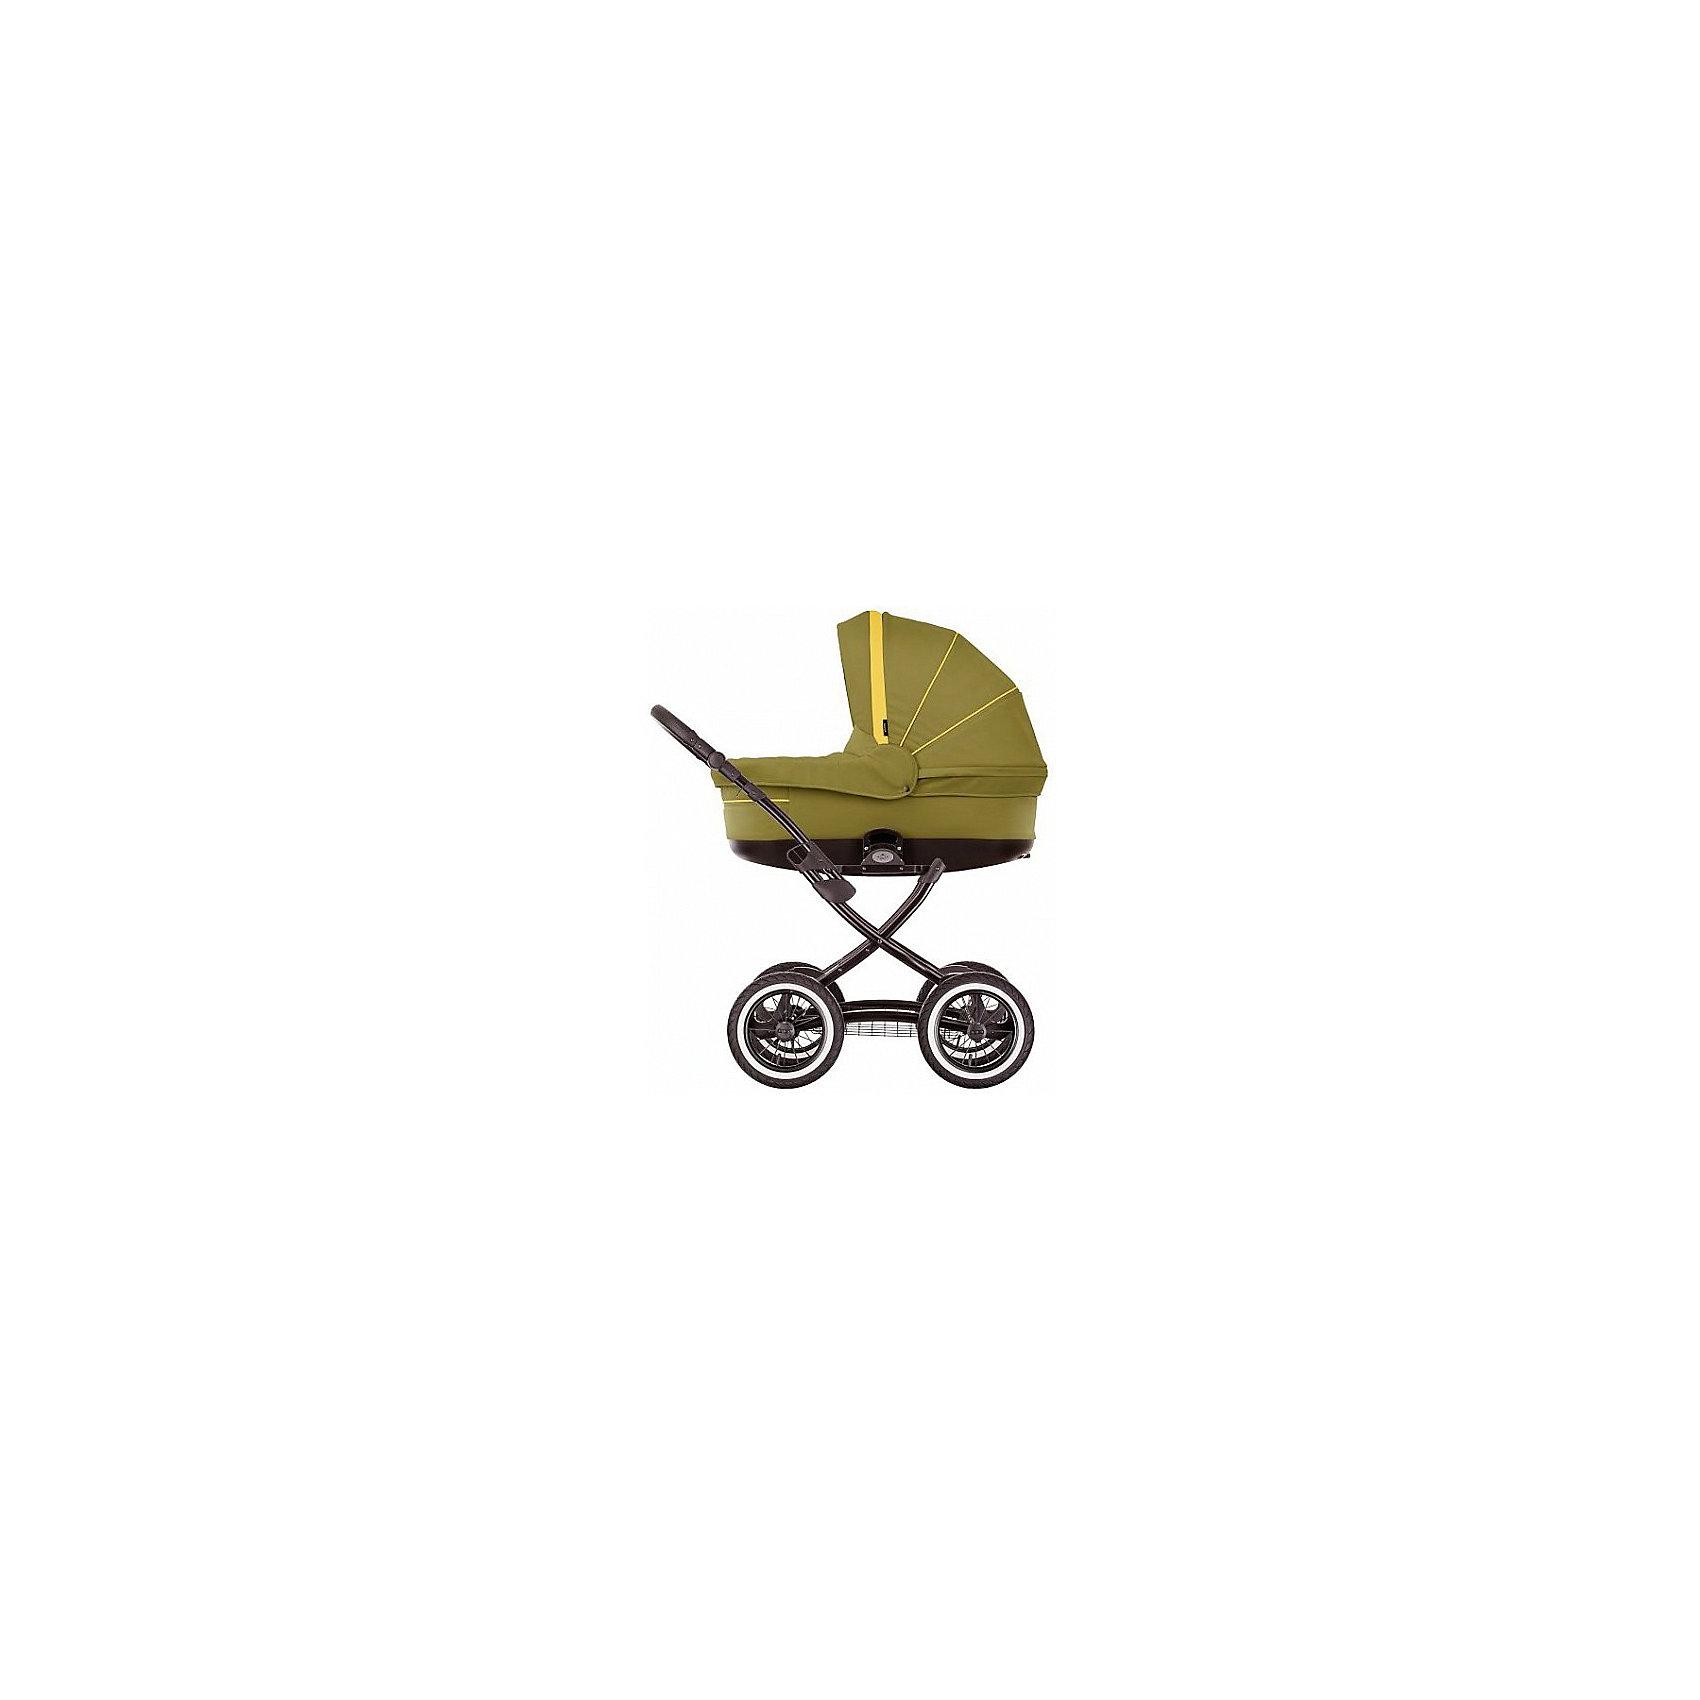 Коляска 2 в 1 Sun Sport, Noordi, зеленыйКоляска 2 в 1 Sun Sport, Noordi, зеленый (Нурди Сан Спорт) ? модель коляски для тех родителей, которые ценят неповторимый стиль и индивидуальность. Эта модель сочетает в себе лучшие качества классических колясок Нурди. Вместительная люлька, увеличенных размеров прогулочный блок, 5-ти точечные ремни безопасности, текстильные детали, выполненные их износоустойчивого текстильного материала ? вот основные характеристики этой коляски.<br>Коляска 2 в 1 Sun Sport, Noordi, зеленый маневренна, мобильна и компактна. С ней легко гулять даже на самые дальние расстояния.<br>Коляска 2 в 1 Sun Sport, Noordi – яркий дизайн, неповторимый стиль, долговечность и надедность в эксплуатации.<br><br>Дополнительная информация:<br><br>- Механизм складывания: книжка<br>- Цвет: зеленый<br>- Сезон: зима-лето<br>- Комплектация: чехол на ножки, сумка для мамы, силиконовый дождевик, антимоскитная сетка, закрепленная на люльке<br>- Ширина шасси: 59 см<br>- Диаметр колес: передние ? 23 см, задние ? 28 см<br>- Ручка: регулируется по высоте<br>- Размер люльки (ДxШ): 85х38<br>- Размер (ДxВхШ): 90х60х60 см<br>- Материал: водоотталкивающий текстиль, устойчивый к выгоранию и износу<br>- Вес 14,0 кг<br><br>Подробнее:<br><br>- Для детей в возрасте: от 0 месяцев до 3 лет<br><br>Страна производитель: Литва<br><br>Коляску 2 в 1 Sun Sport, Noordi, зеленый можно купить в нашем интернет-магазине.<br><br>Ширина мм: 900<br>Глубина мм: 600<br>Высота мм: 600<br>Вес г: 14000<br>Возраст от месяцев: 0<br>Возраст до месяцев: 36<br>Пол: Унисекс<br>Возраст: Детский<br>SKU: 4855086